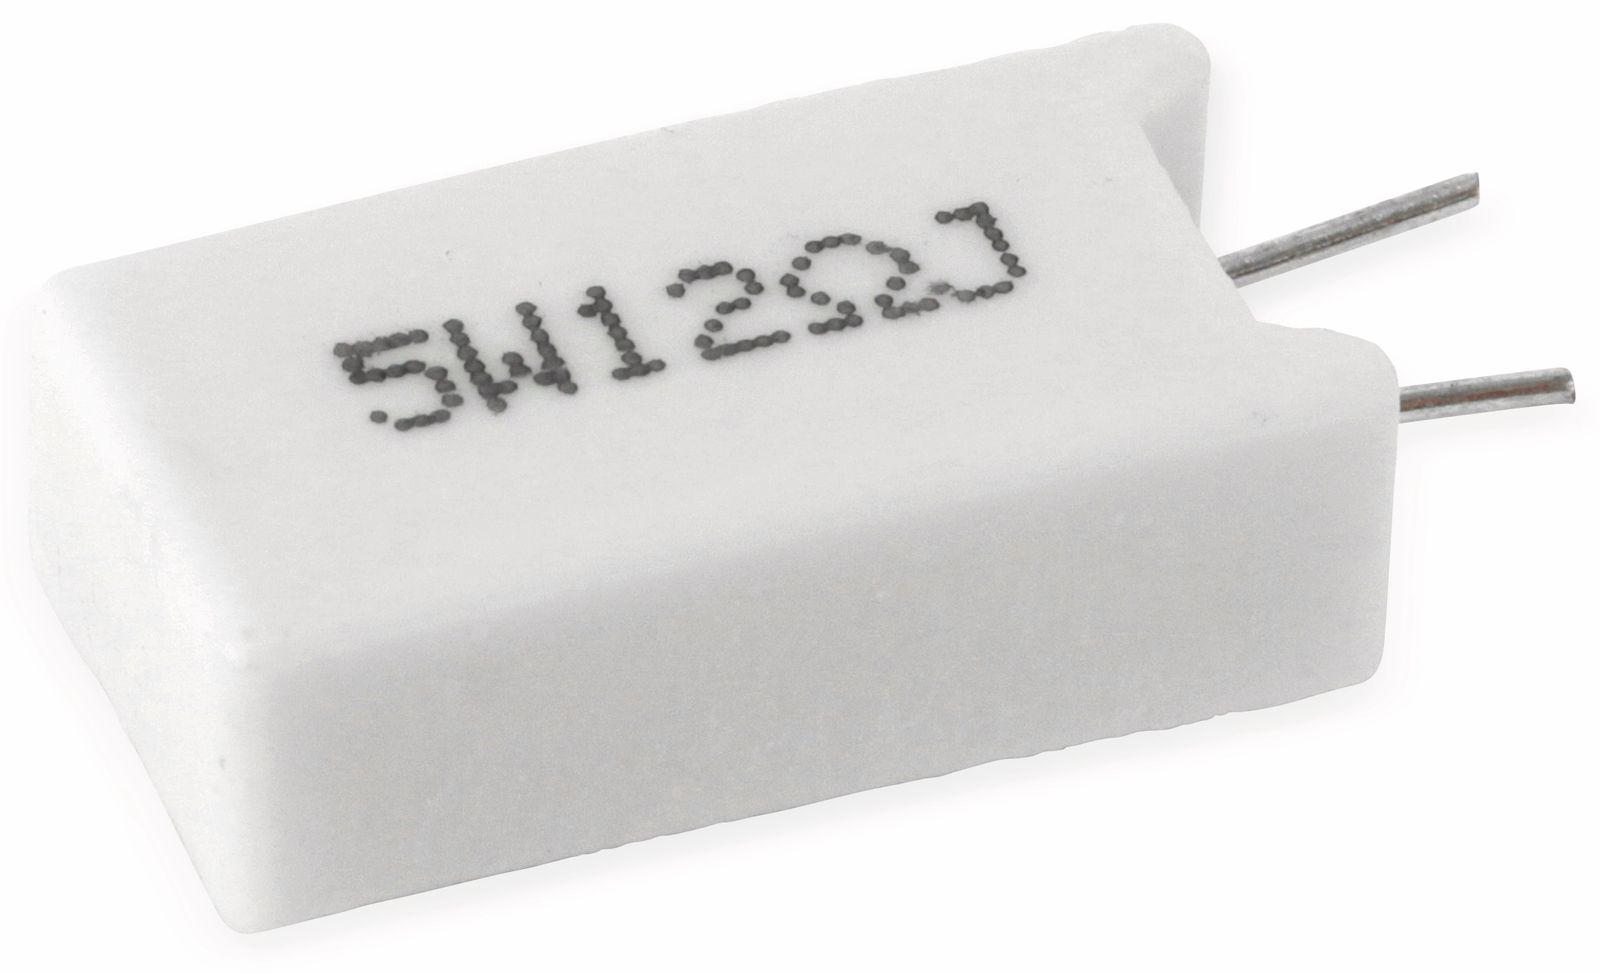 Widerstand ASJ SQM5-120J-B, 12R, 5%, 5W, RM5